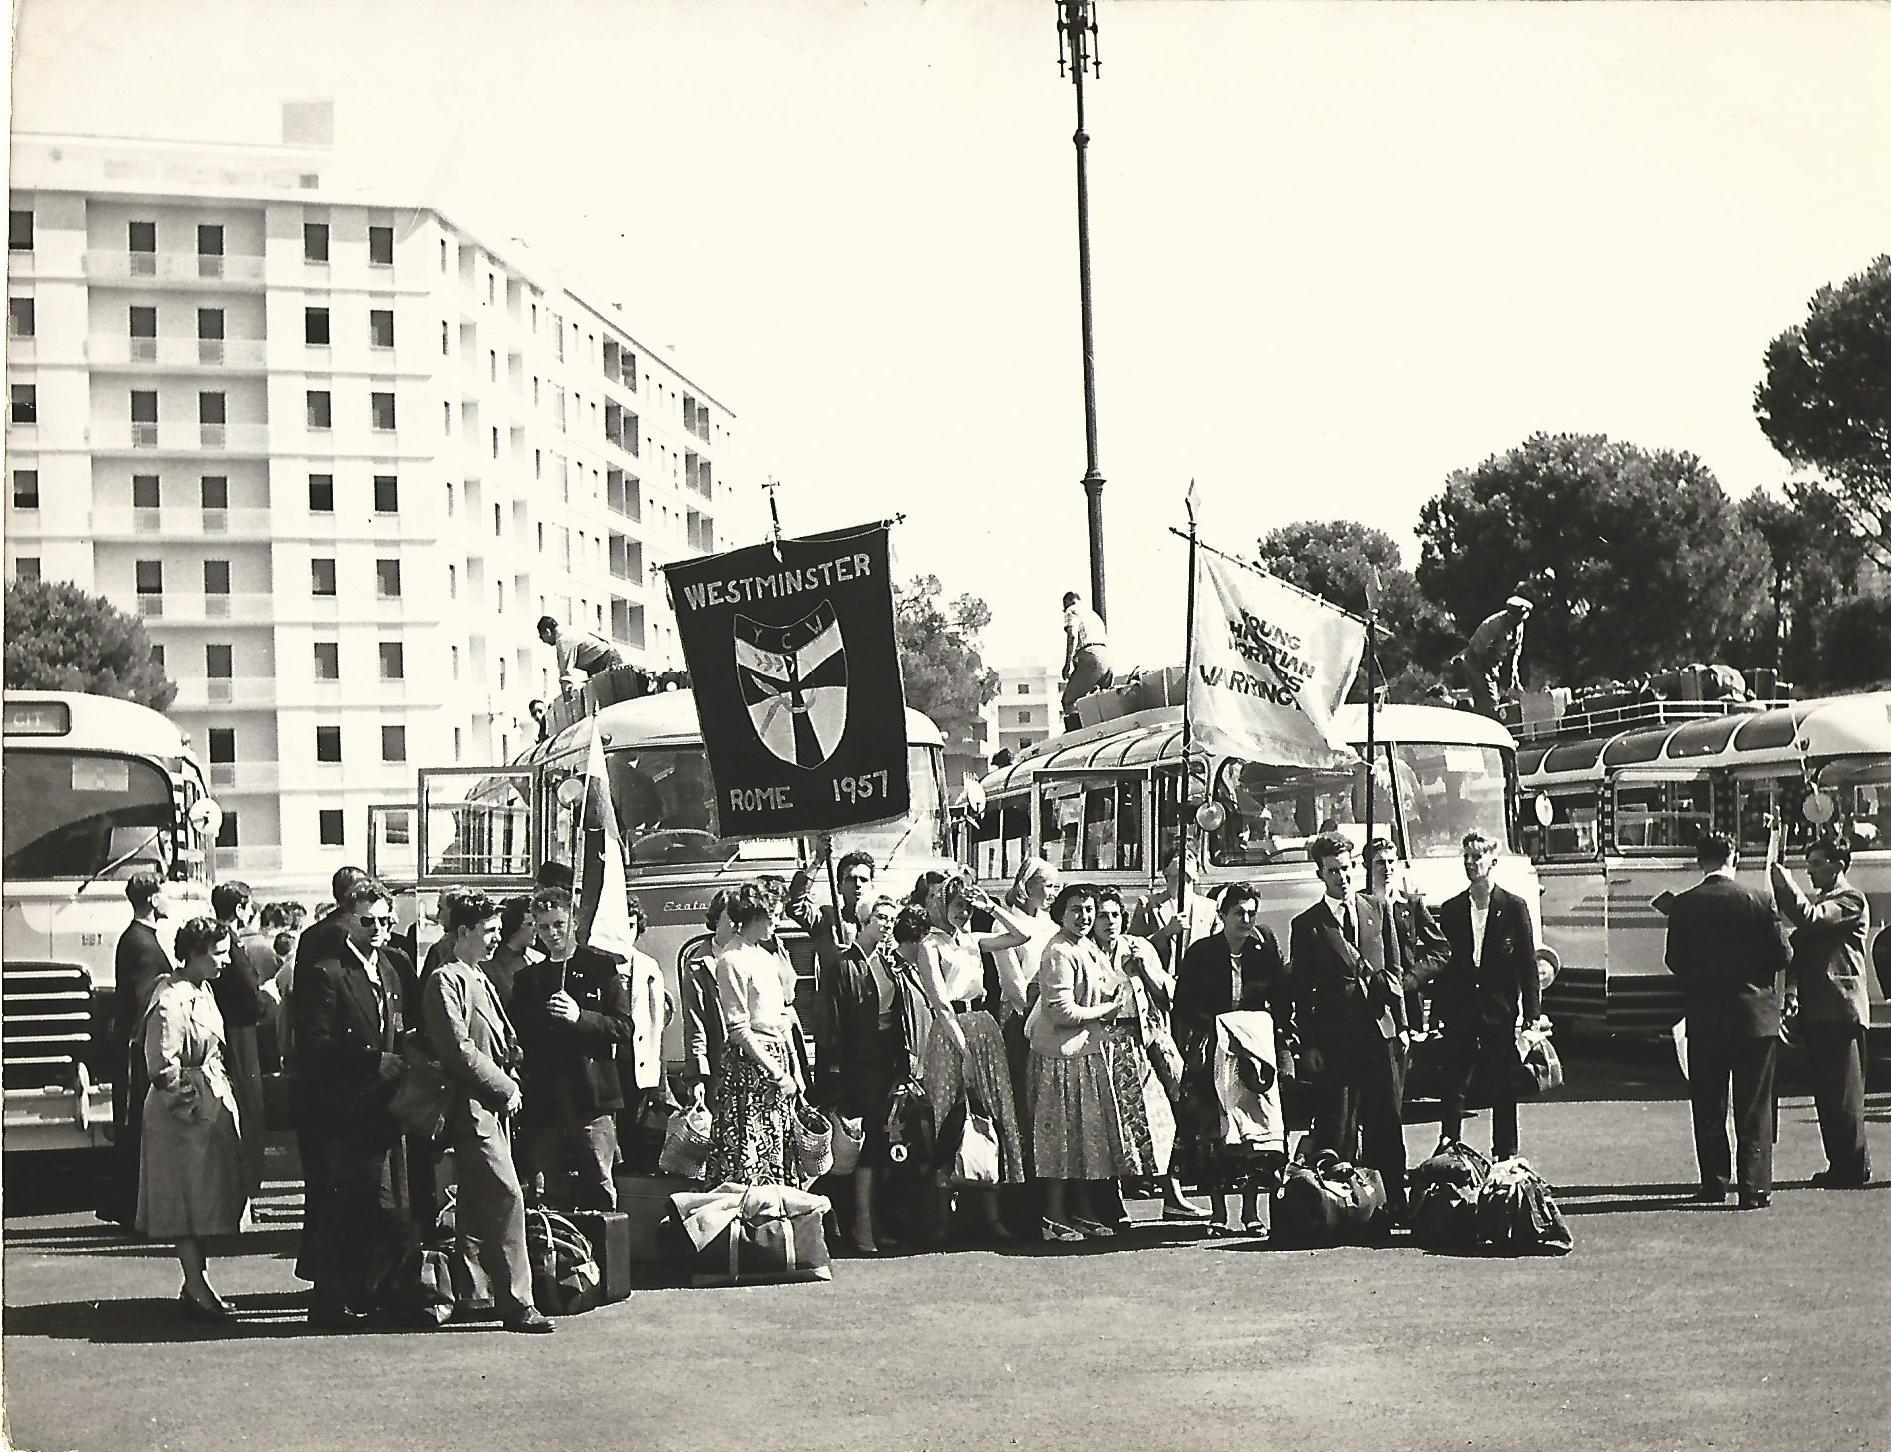 Rome 1957 1.jpg